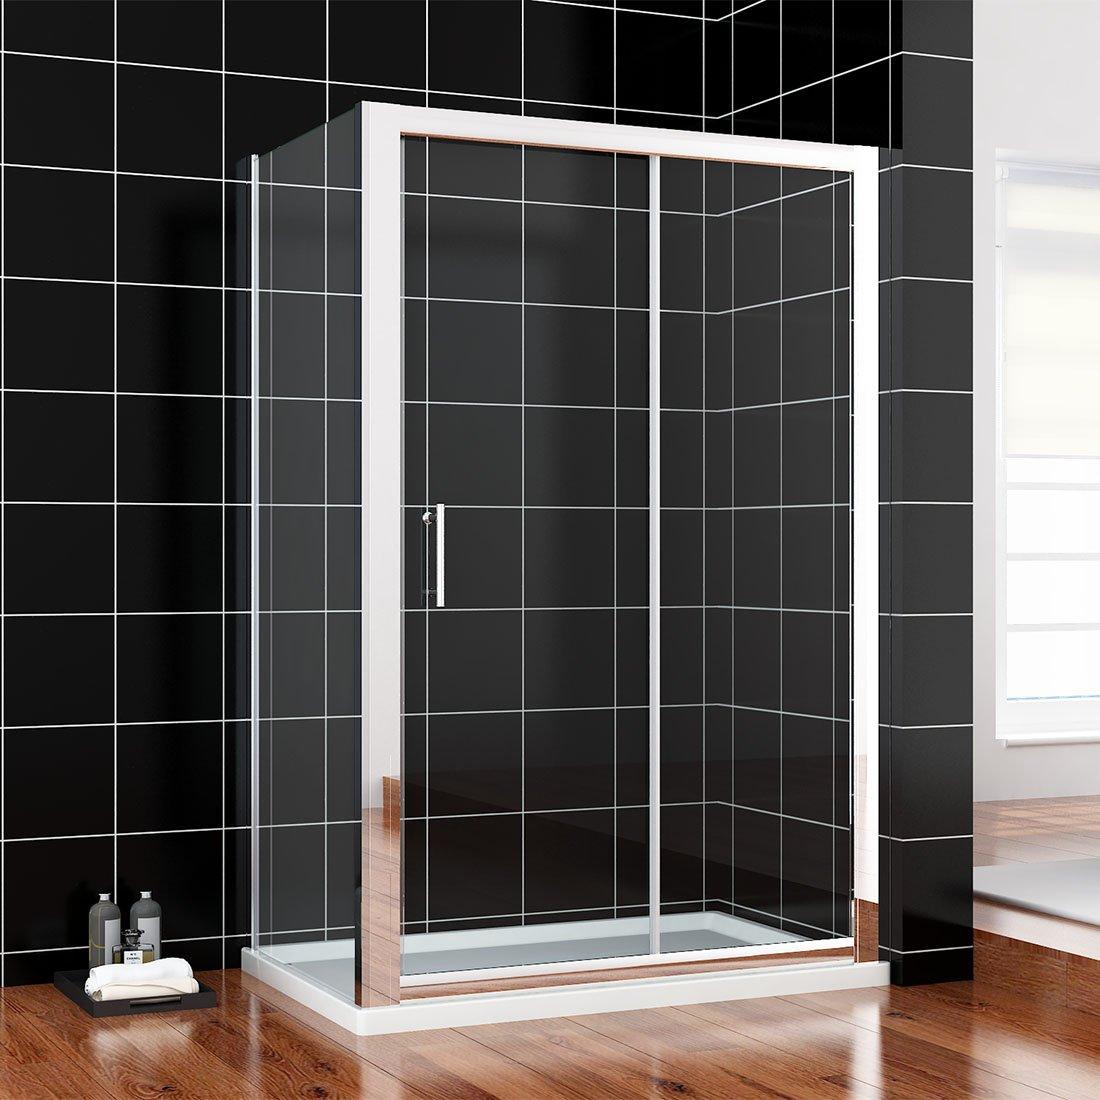 140x90x185cm SIRHONA Porte de douche coulissante paroi de douche pare-douche verre de s/écurit/é